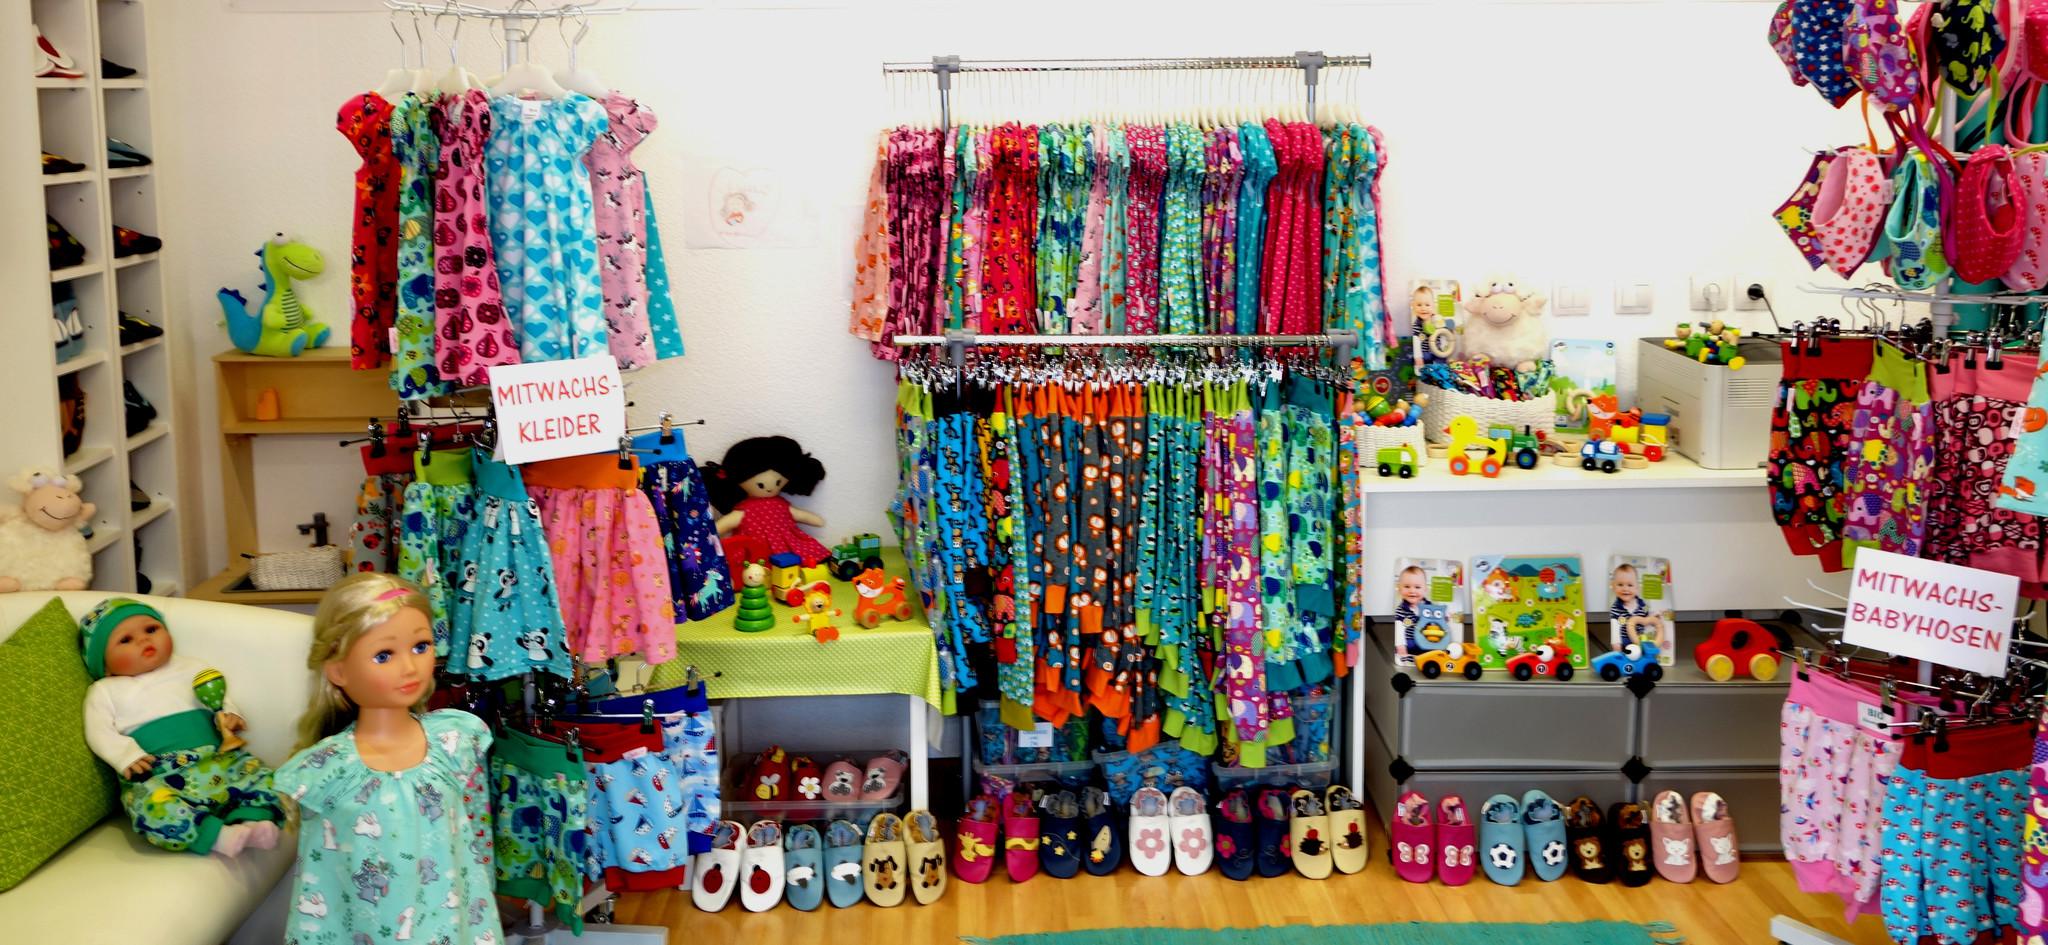 Liebli Kindermode Babymode Kinderkleidung Babykleidug fair hangemacht in Wien 1030